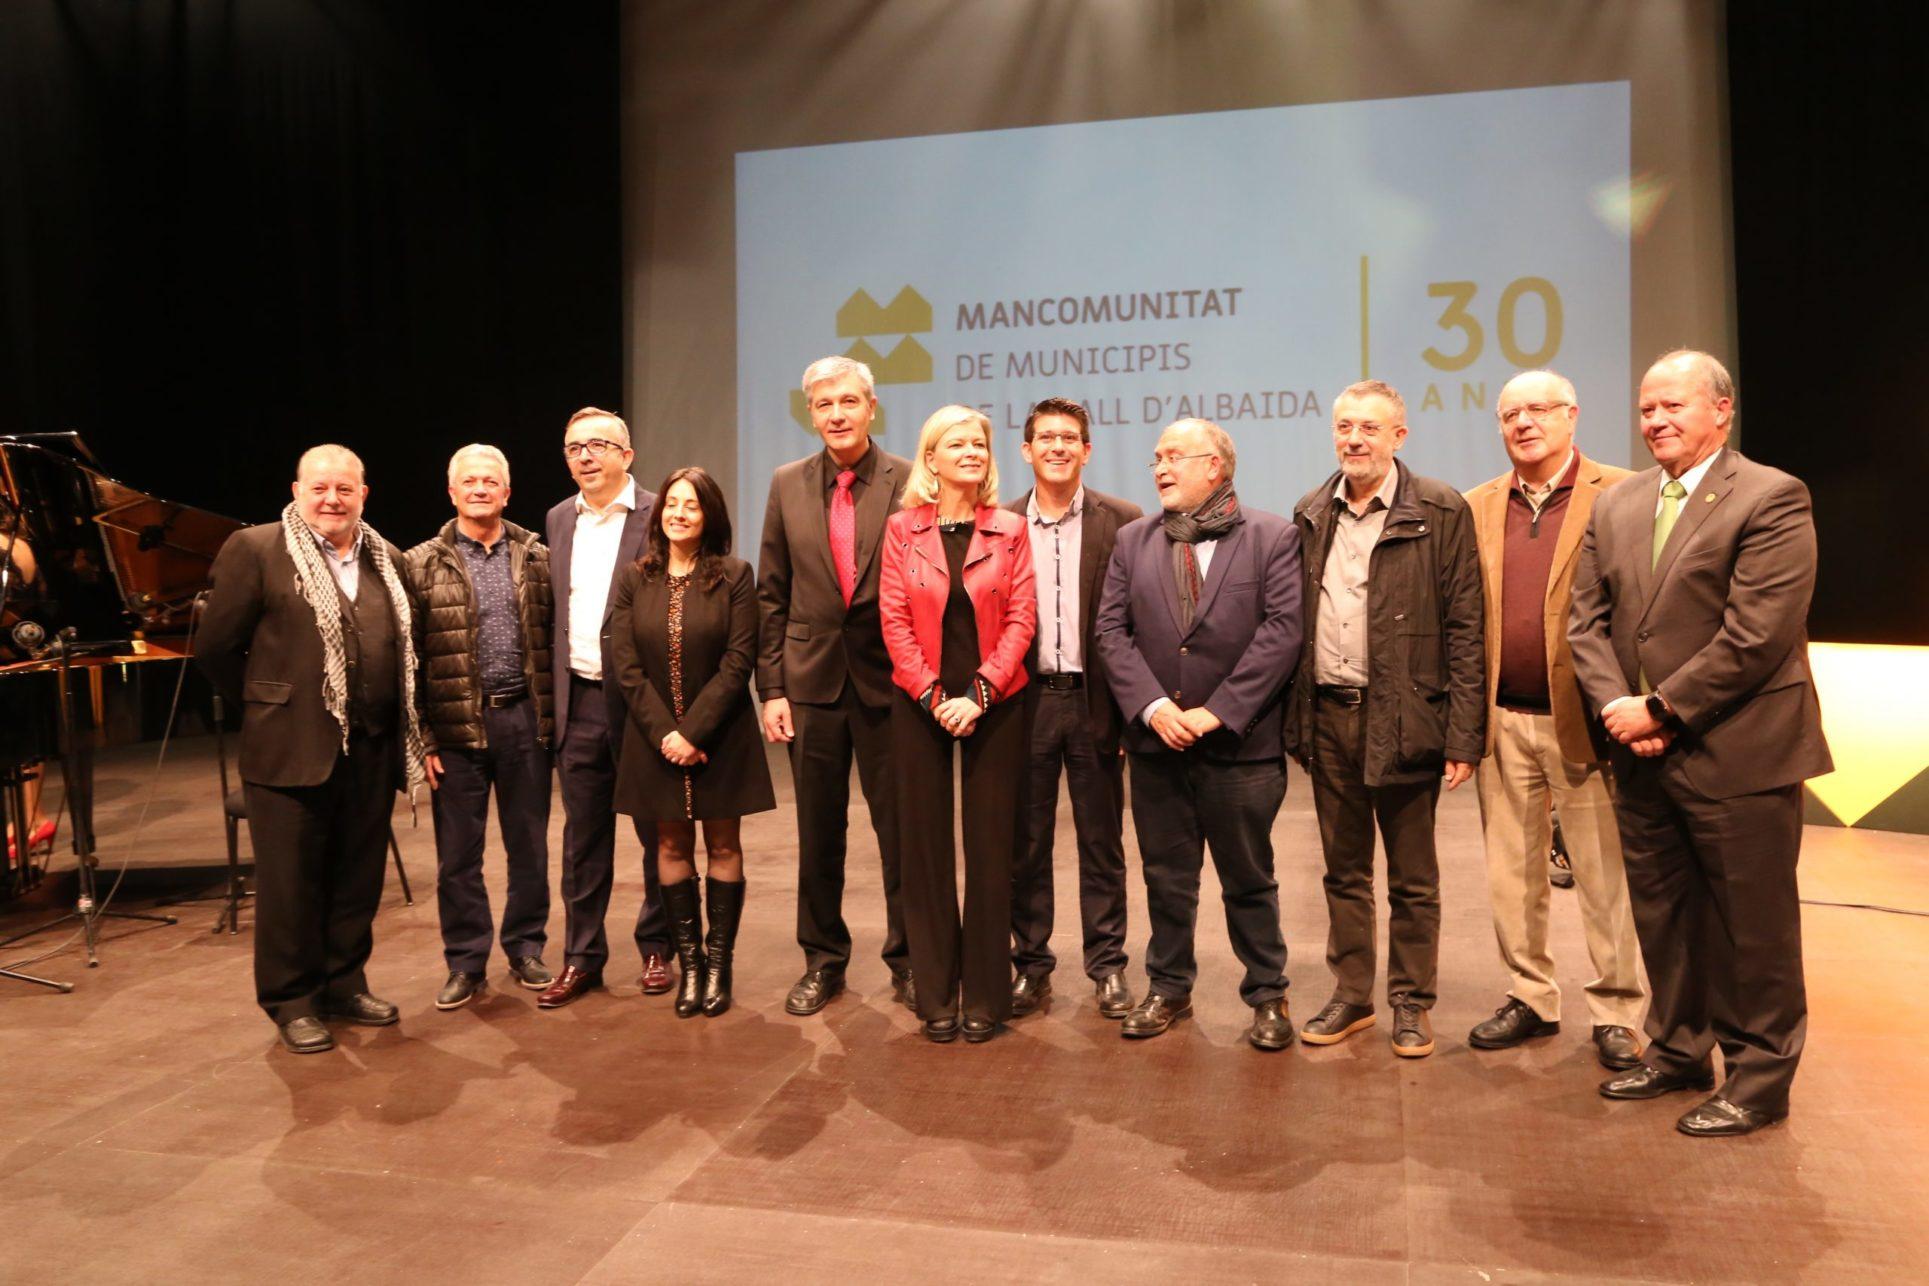 La Mancomunitat compleix els seus 30 primers anys El Periòdic d'Ontinyent